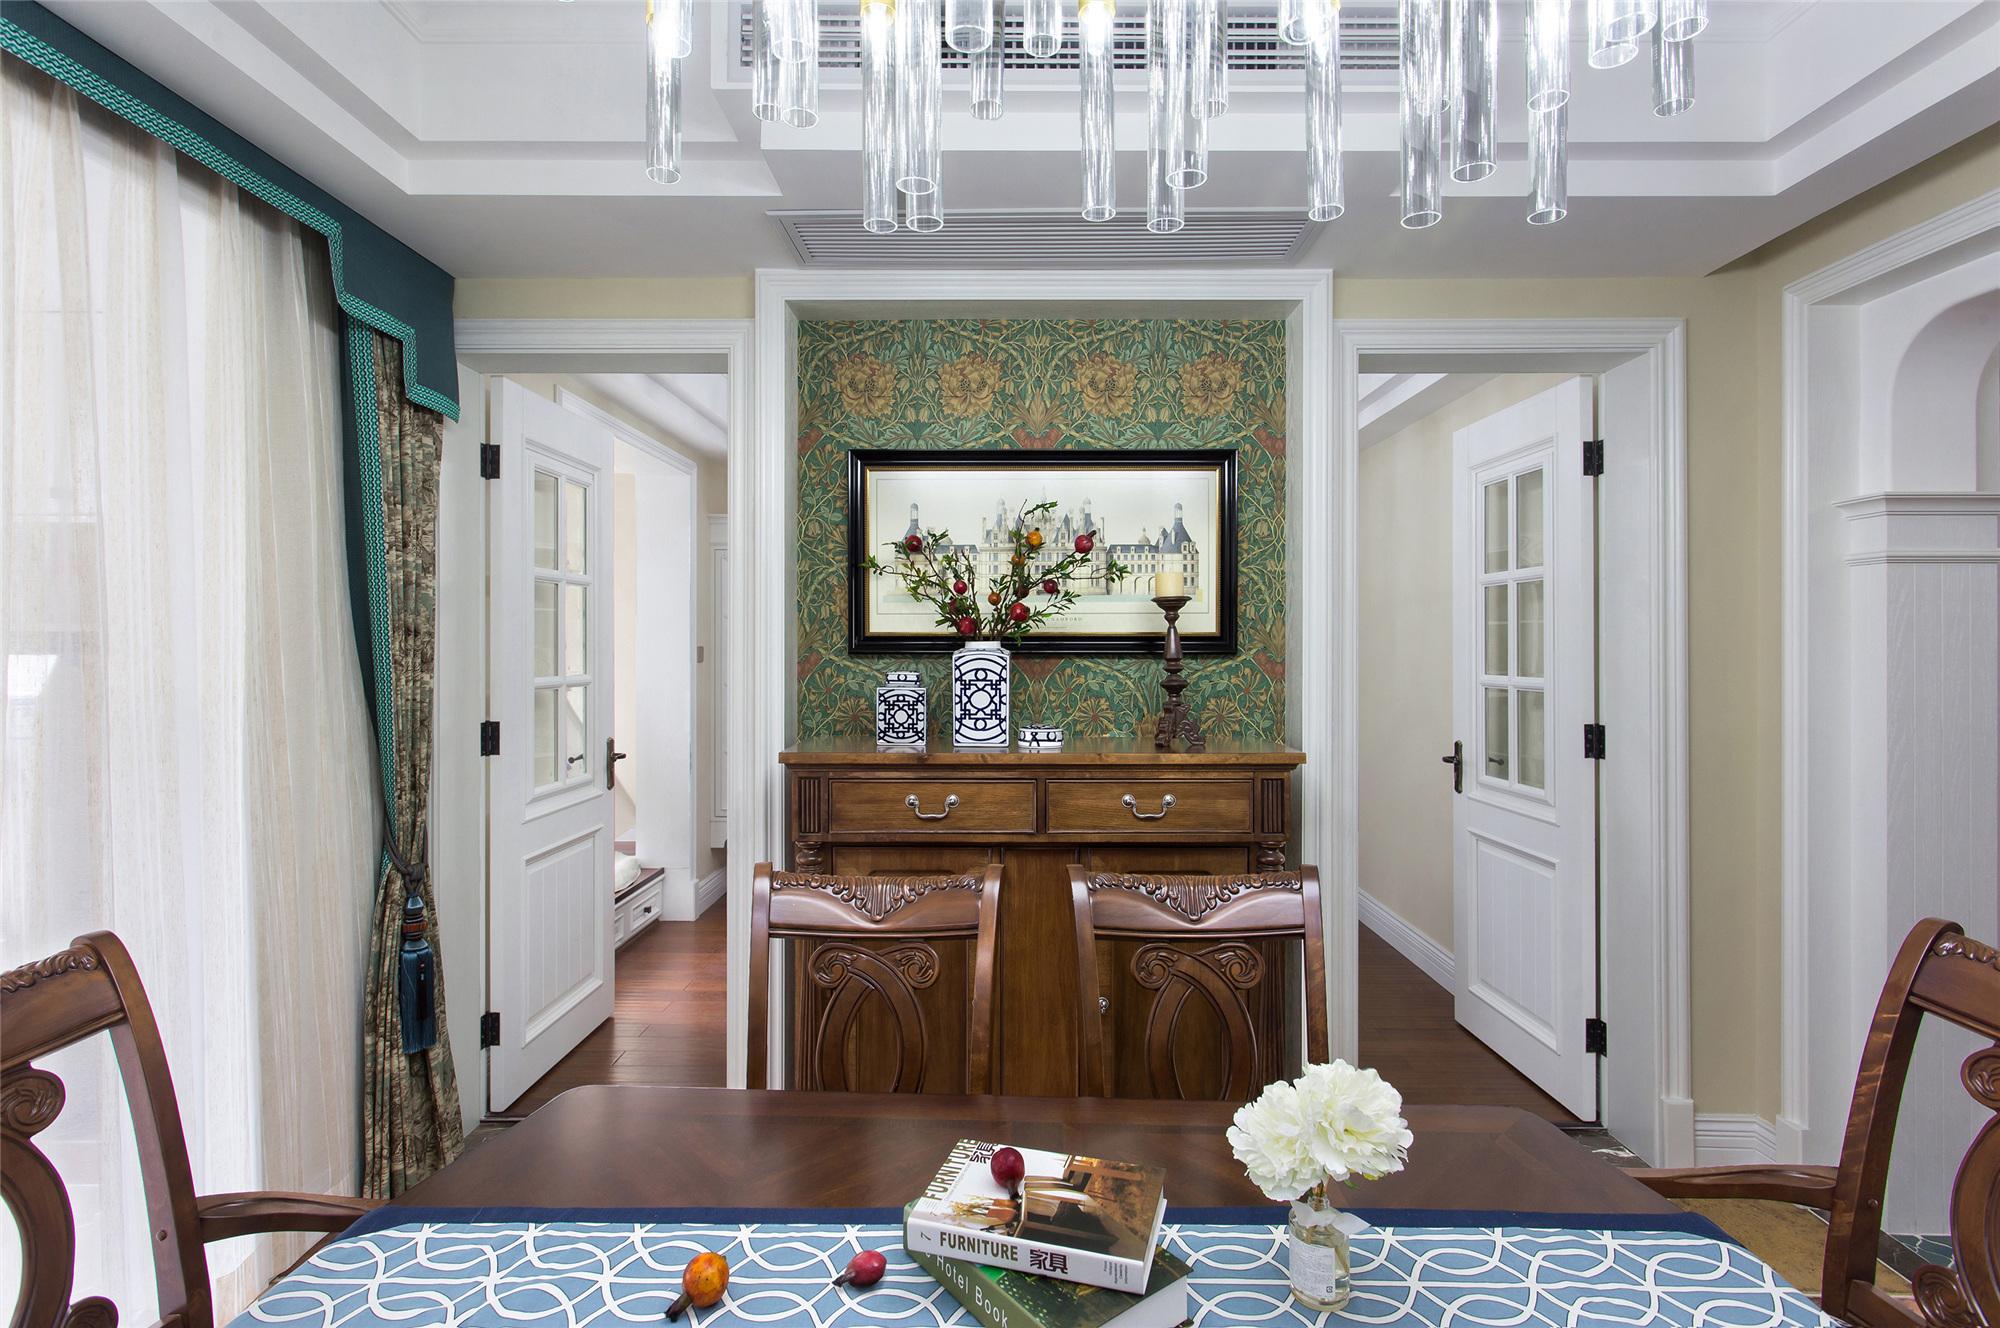 180㎡美式装修餐厅背景墙图片